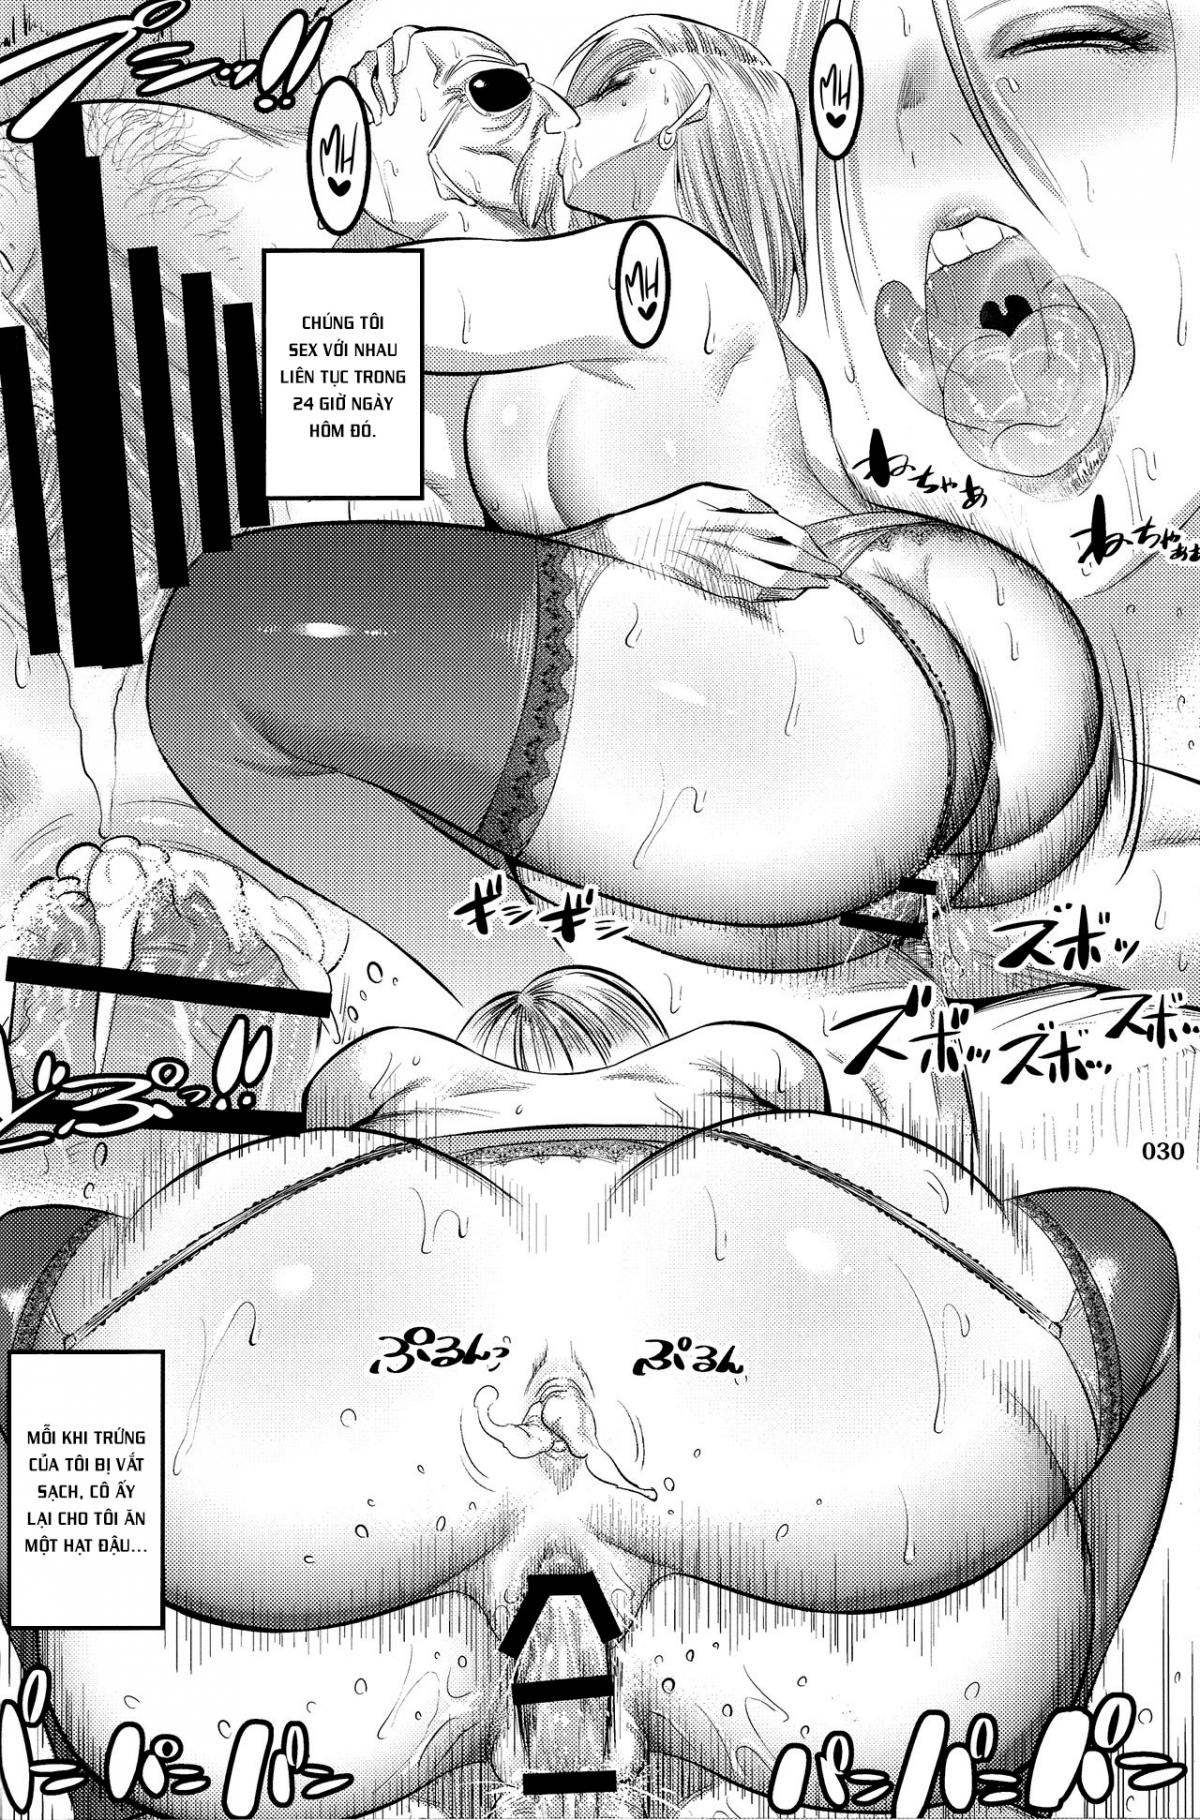 HentaiVN.net - Ảnh 30 - 18-gou ni Mainichi Muriyari Semen Shiboritorareru Hon - A Book About Getting Your Semen Forcibly Squeezed Out By No. 18 Every Single Day - Oneshot